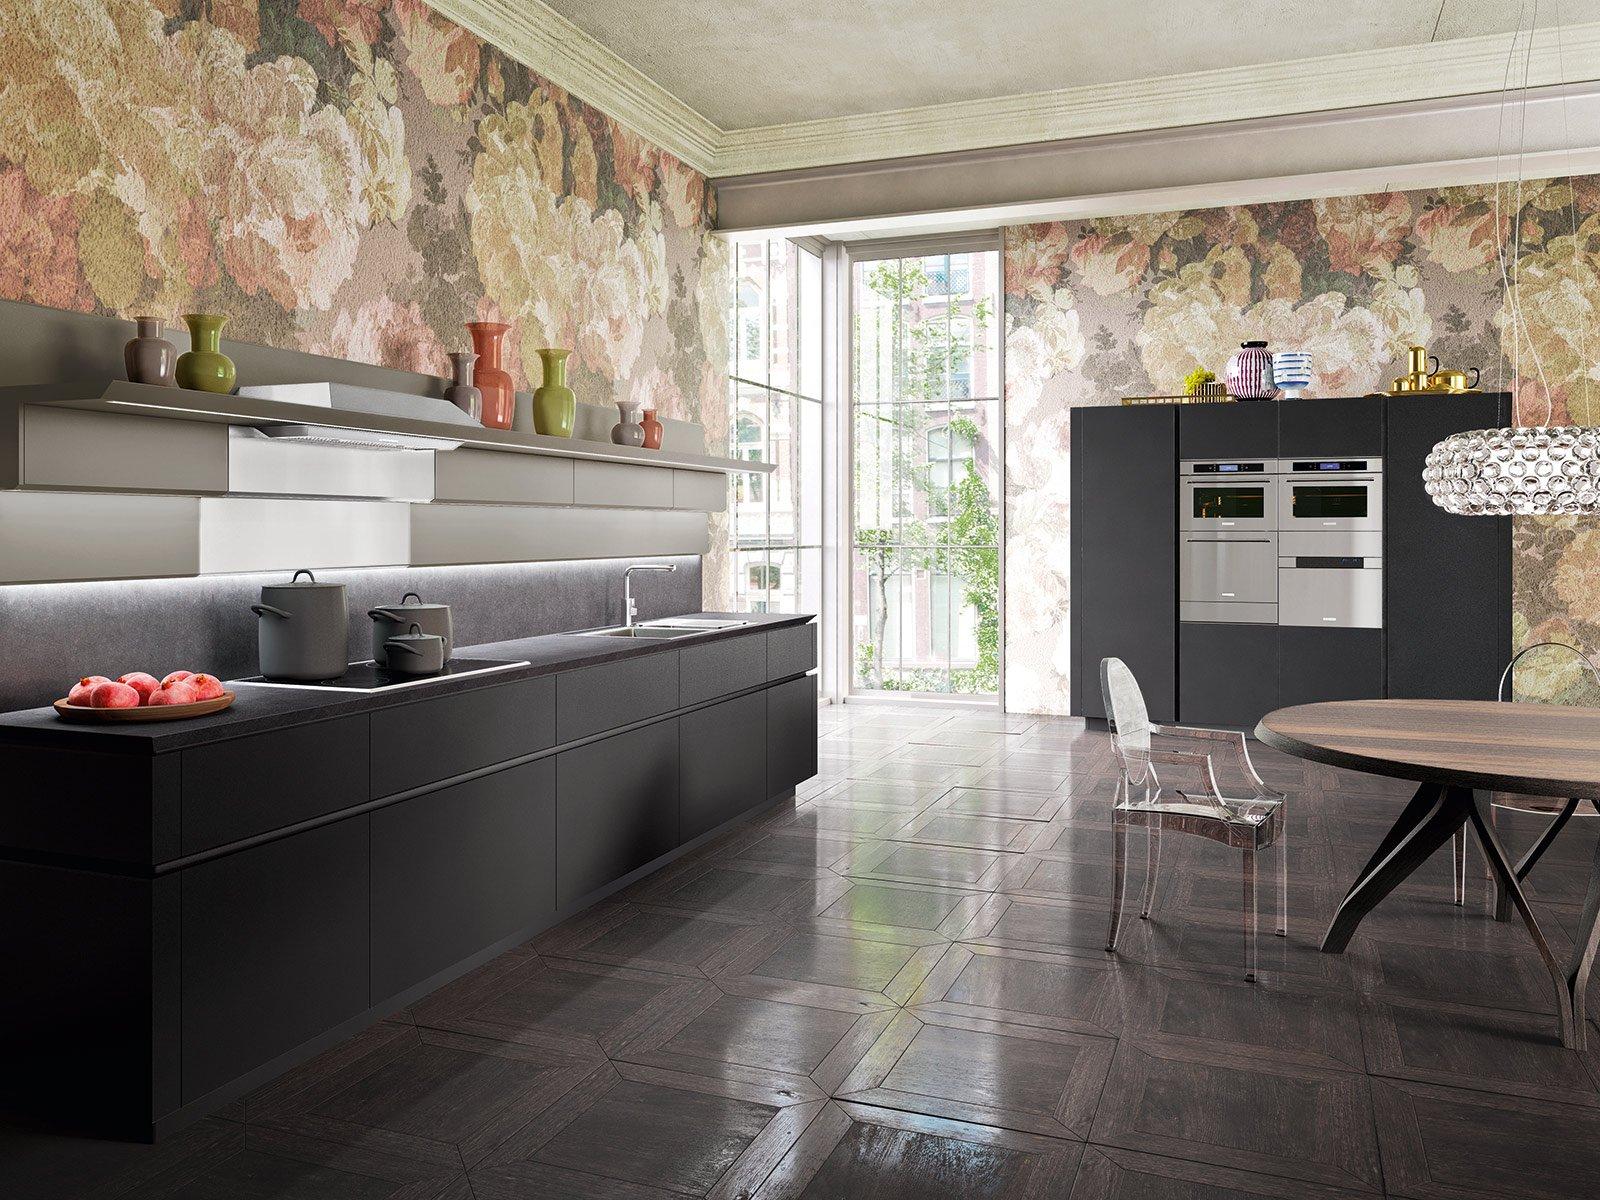 Cucine Di Lusso Classiche : Cucine classiche di lusso. top cucina di sarah michelle gellar with